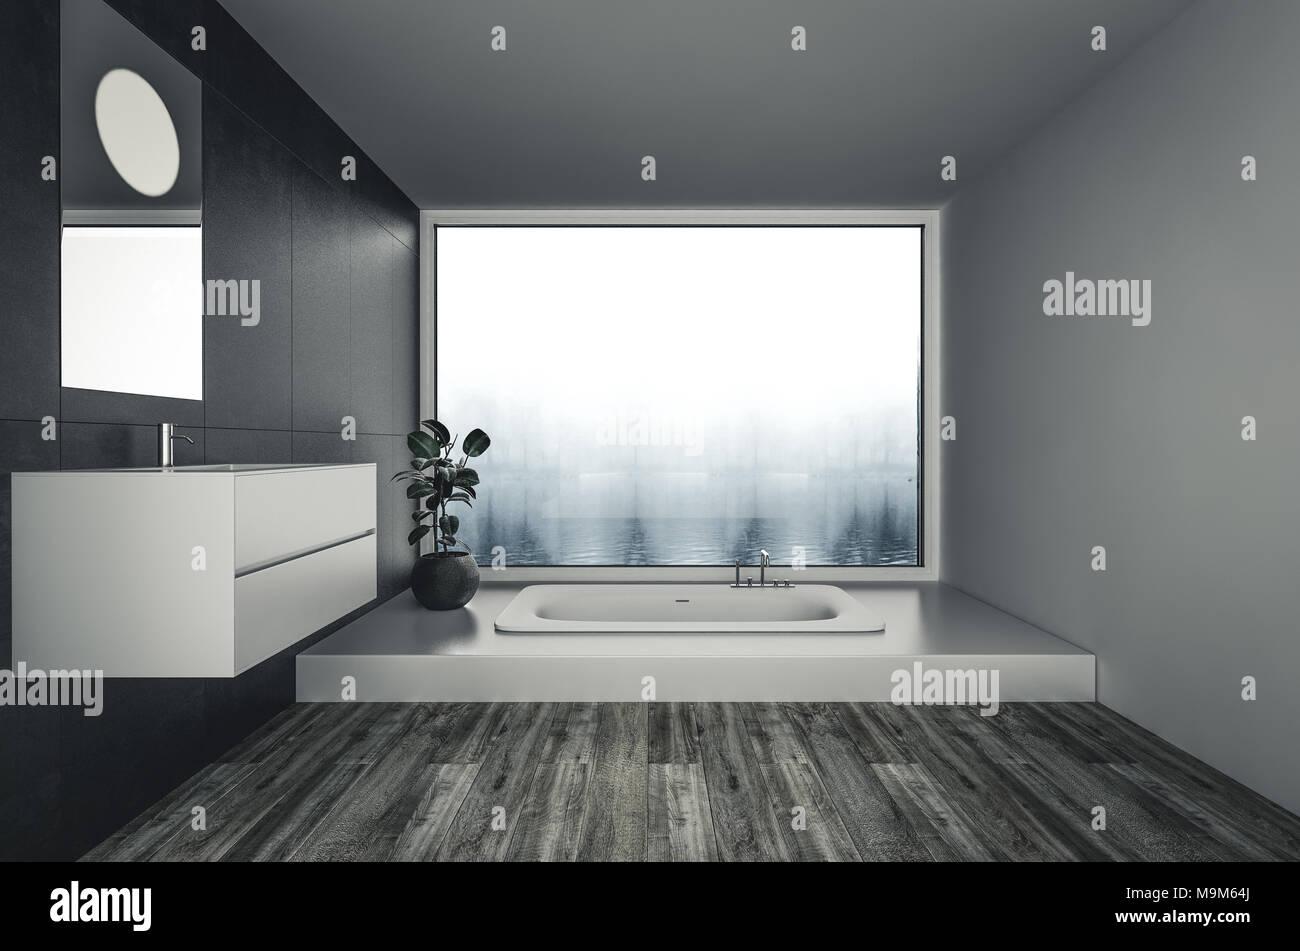 Vasche Da Bagno Moderne : Vasca da bagno in stile minimalista pulito e spazioso bagno moderno